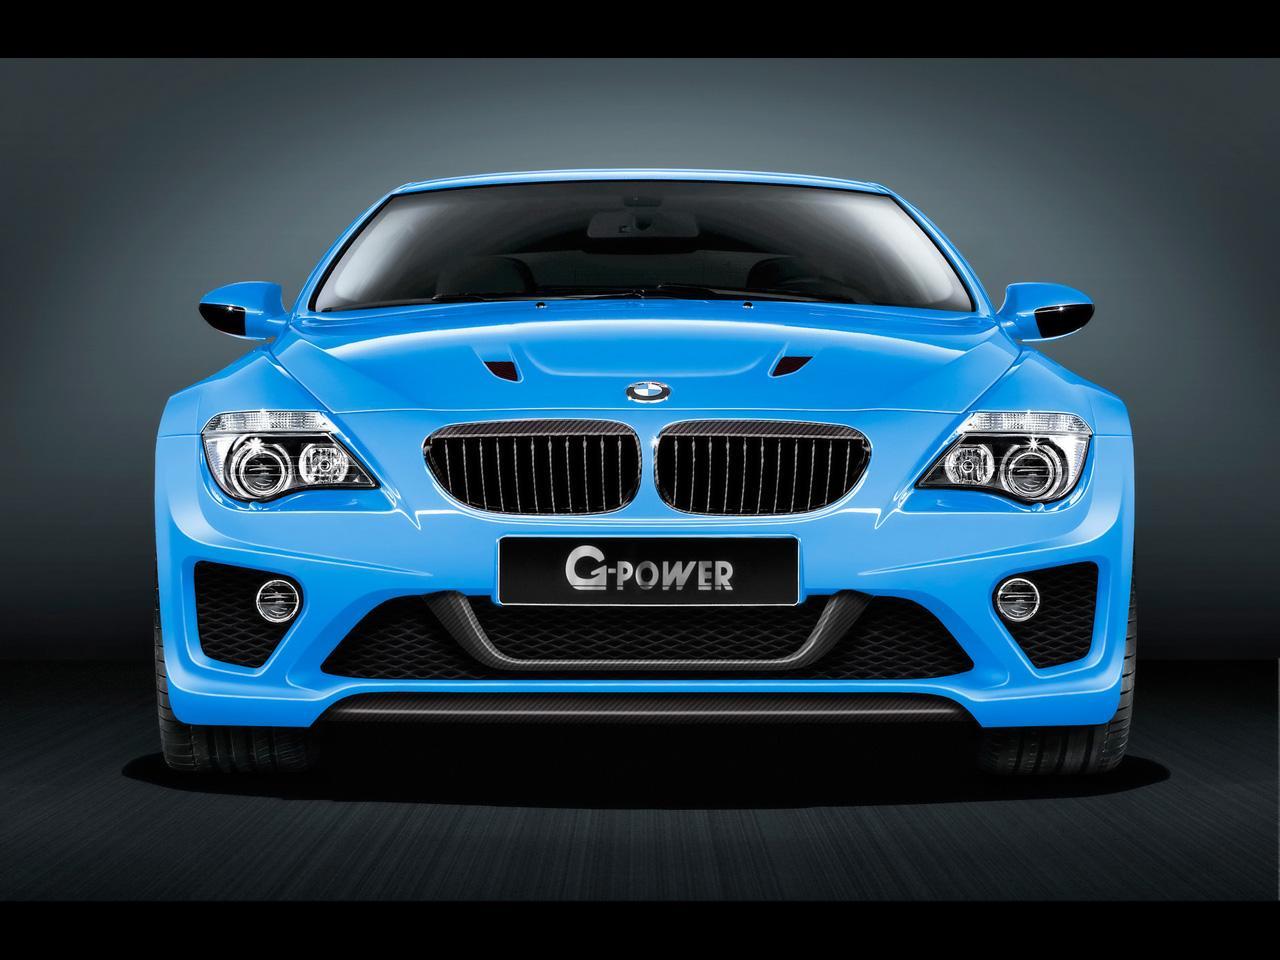 http://1.bp.blogspot.com/-pXoBpTqWH90/TkGFJnr2fjI/AAAAAAAAKnI/iygJdv9SBmg/s1600/BMW%20HQ%20Wallpaper%20(28).jpg